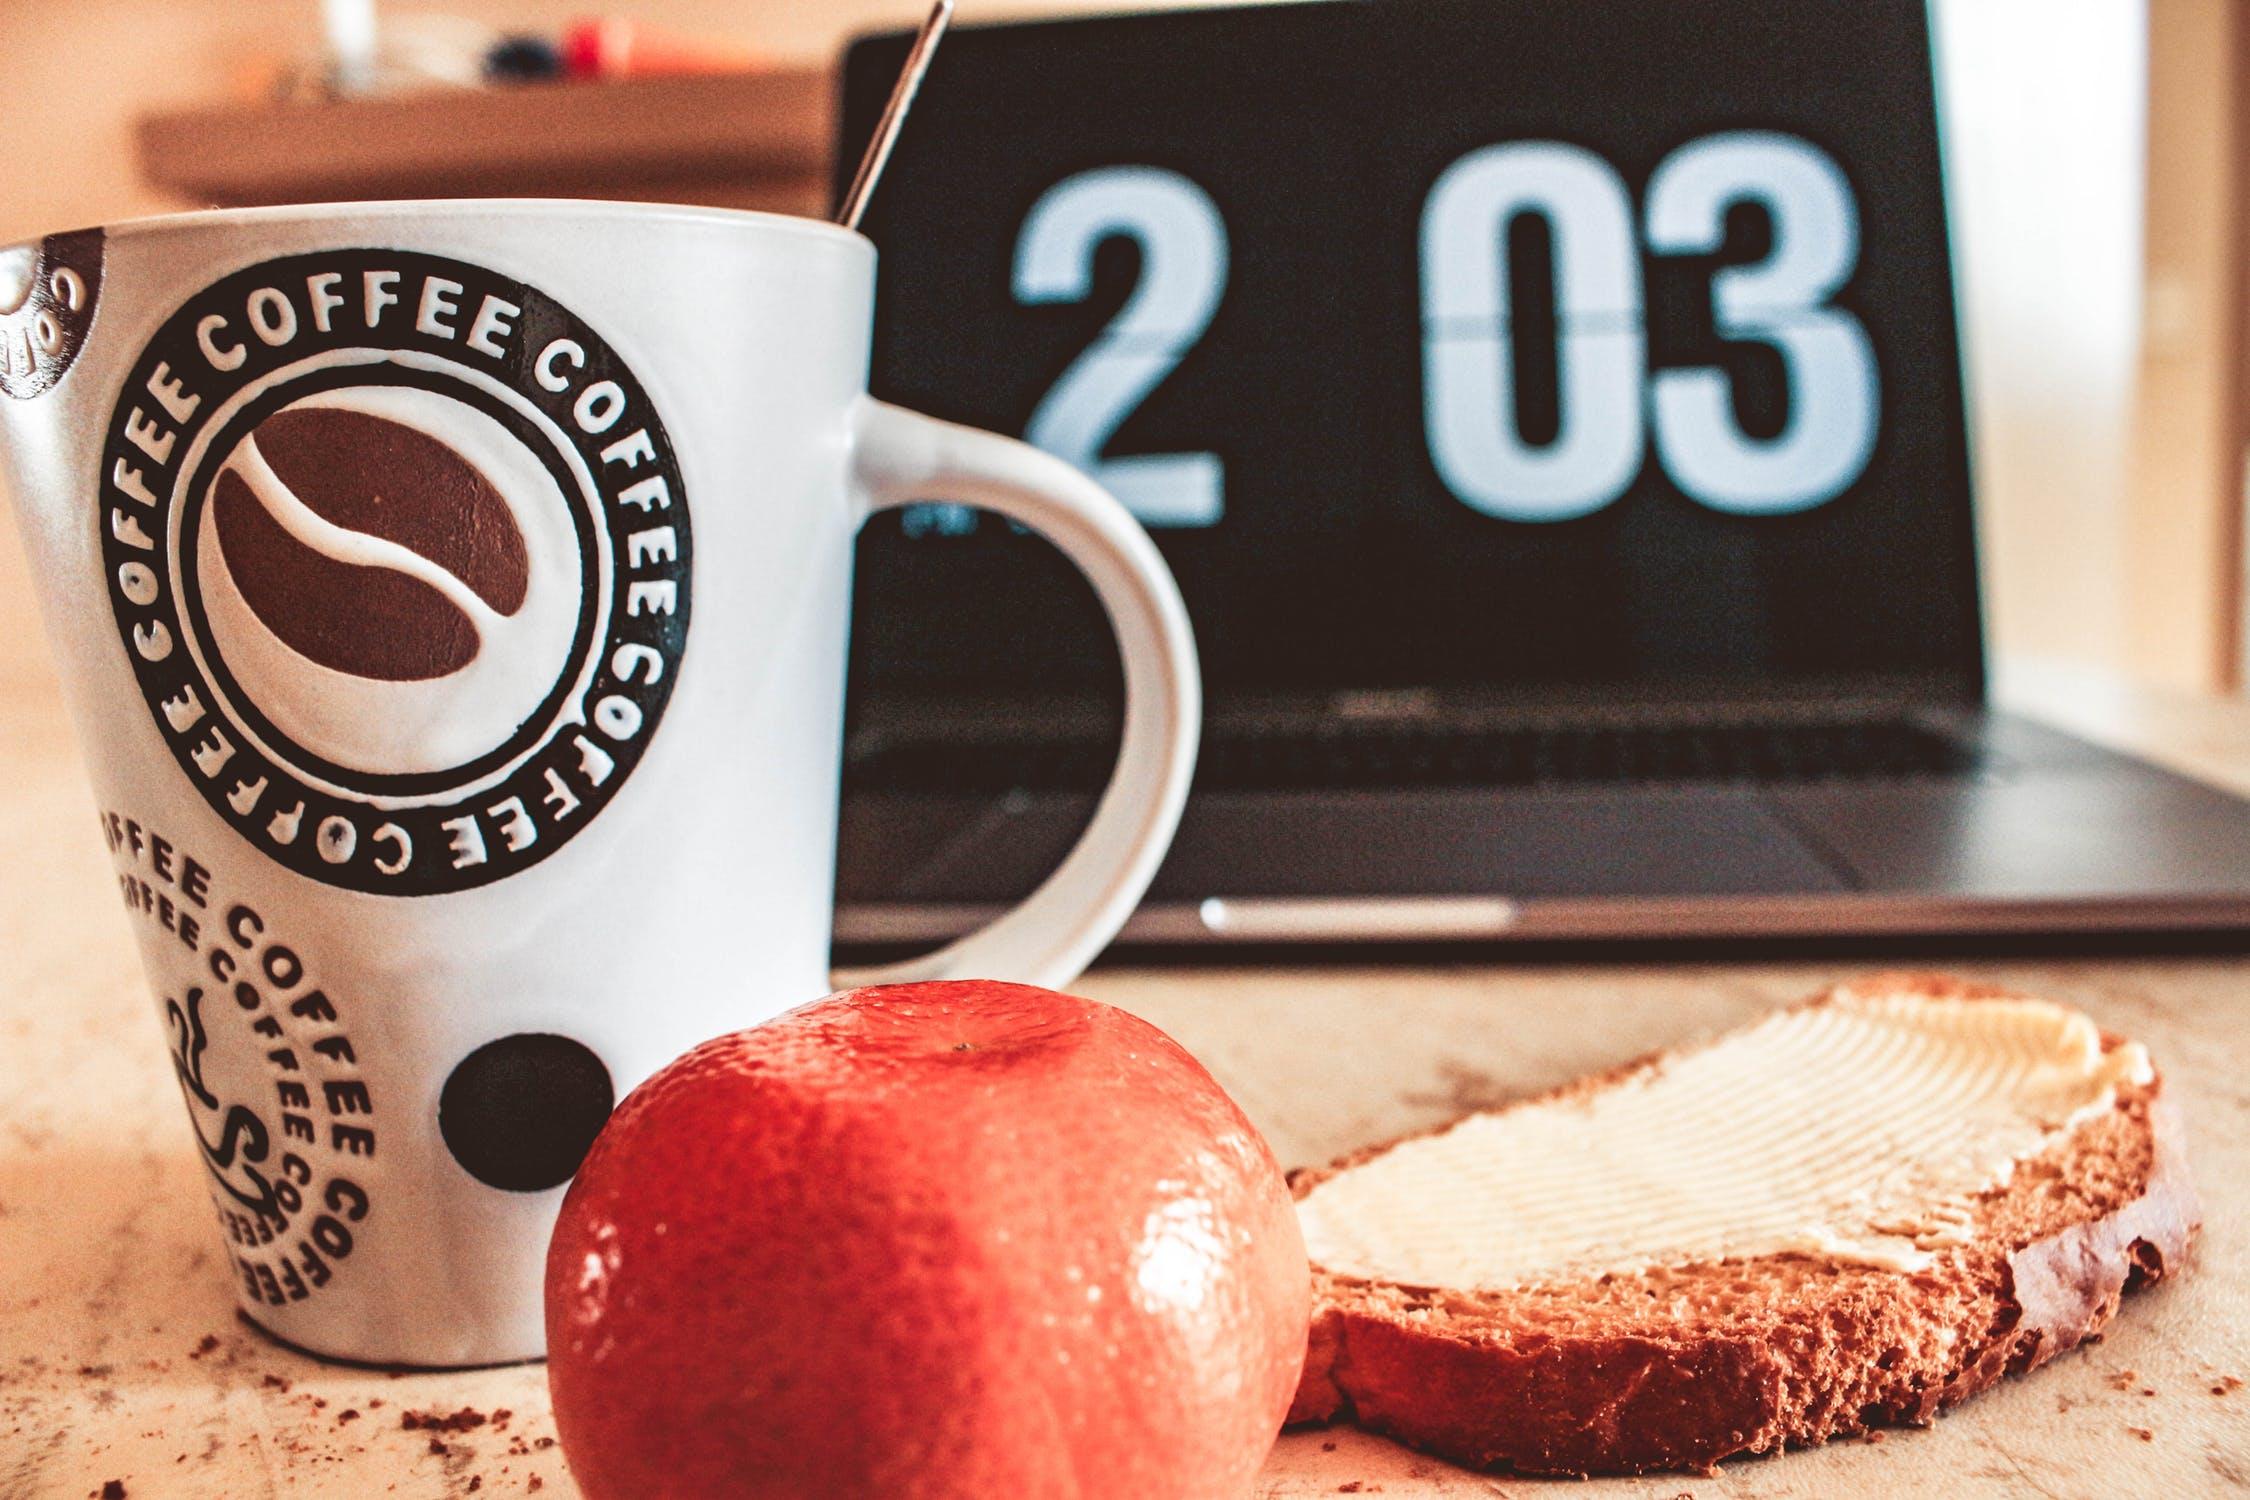 breakfast, productivity, bread, apple, coffee